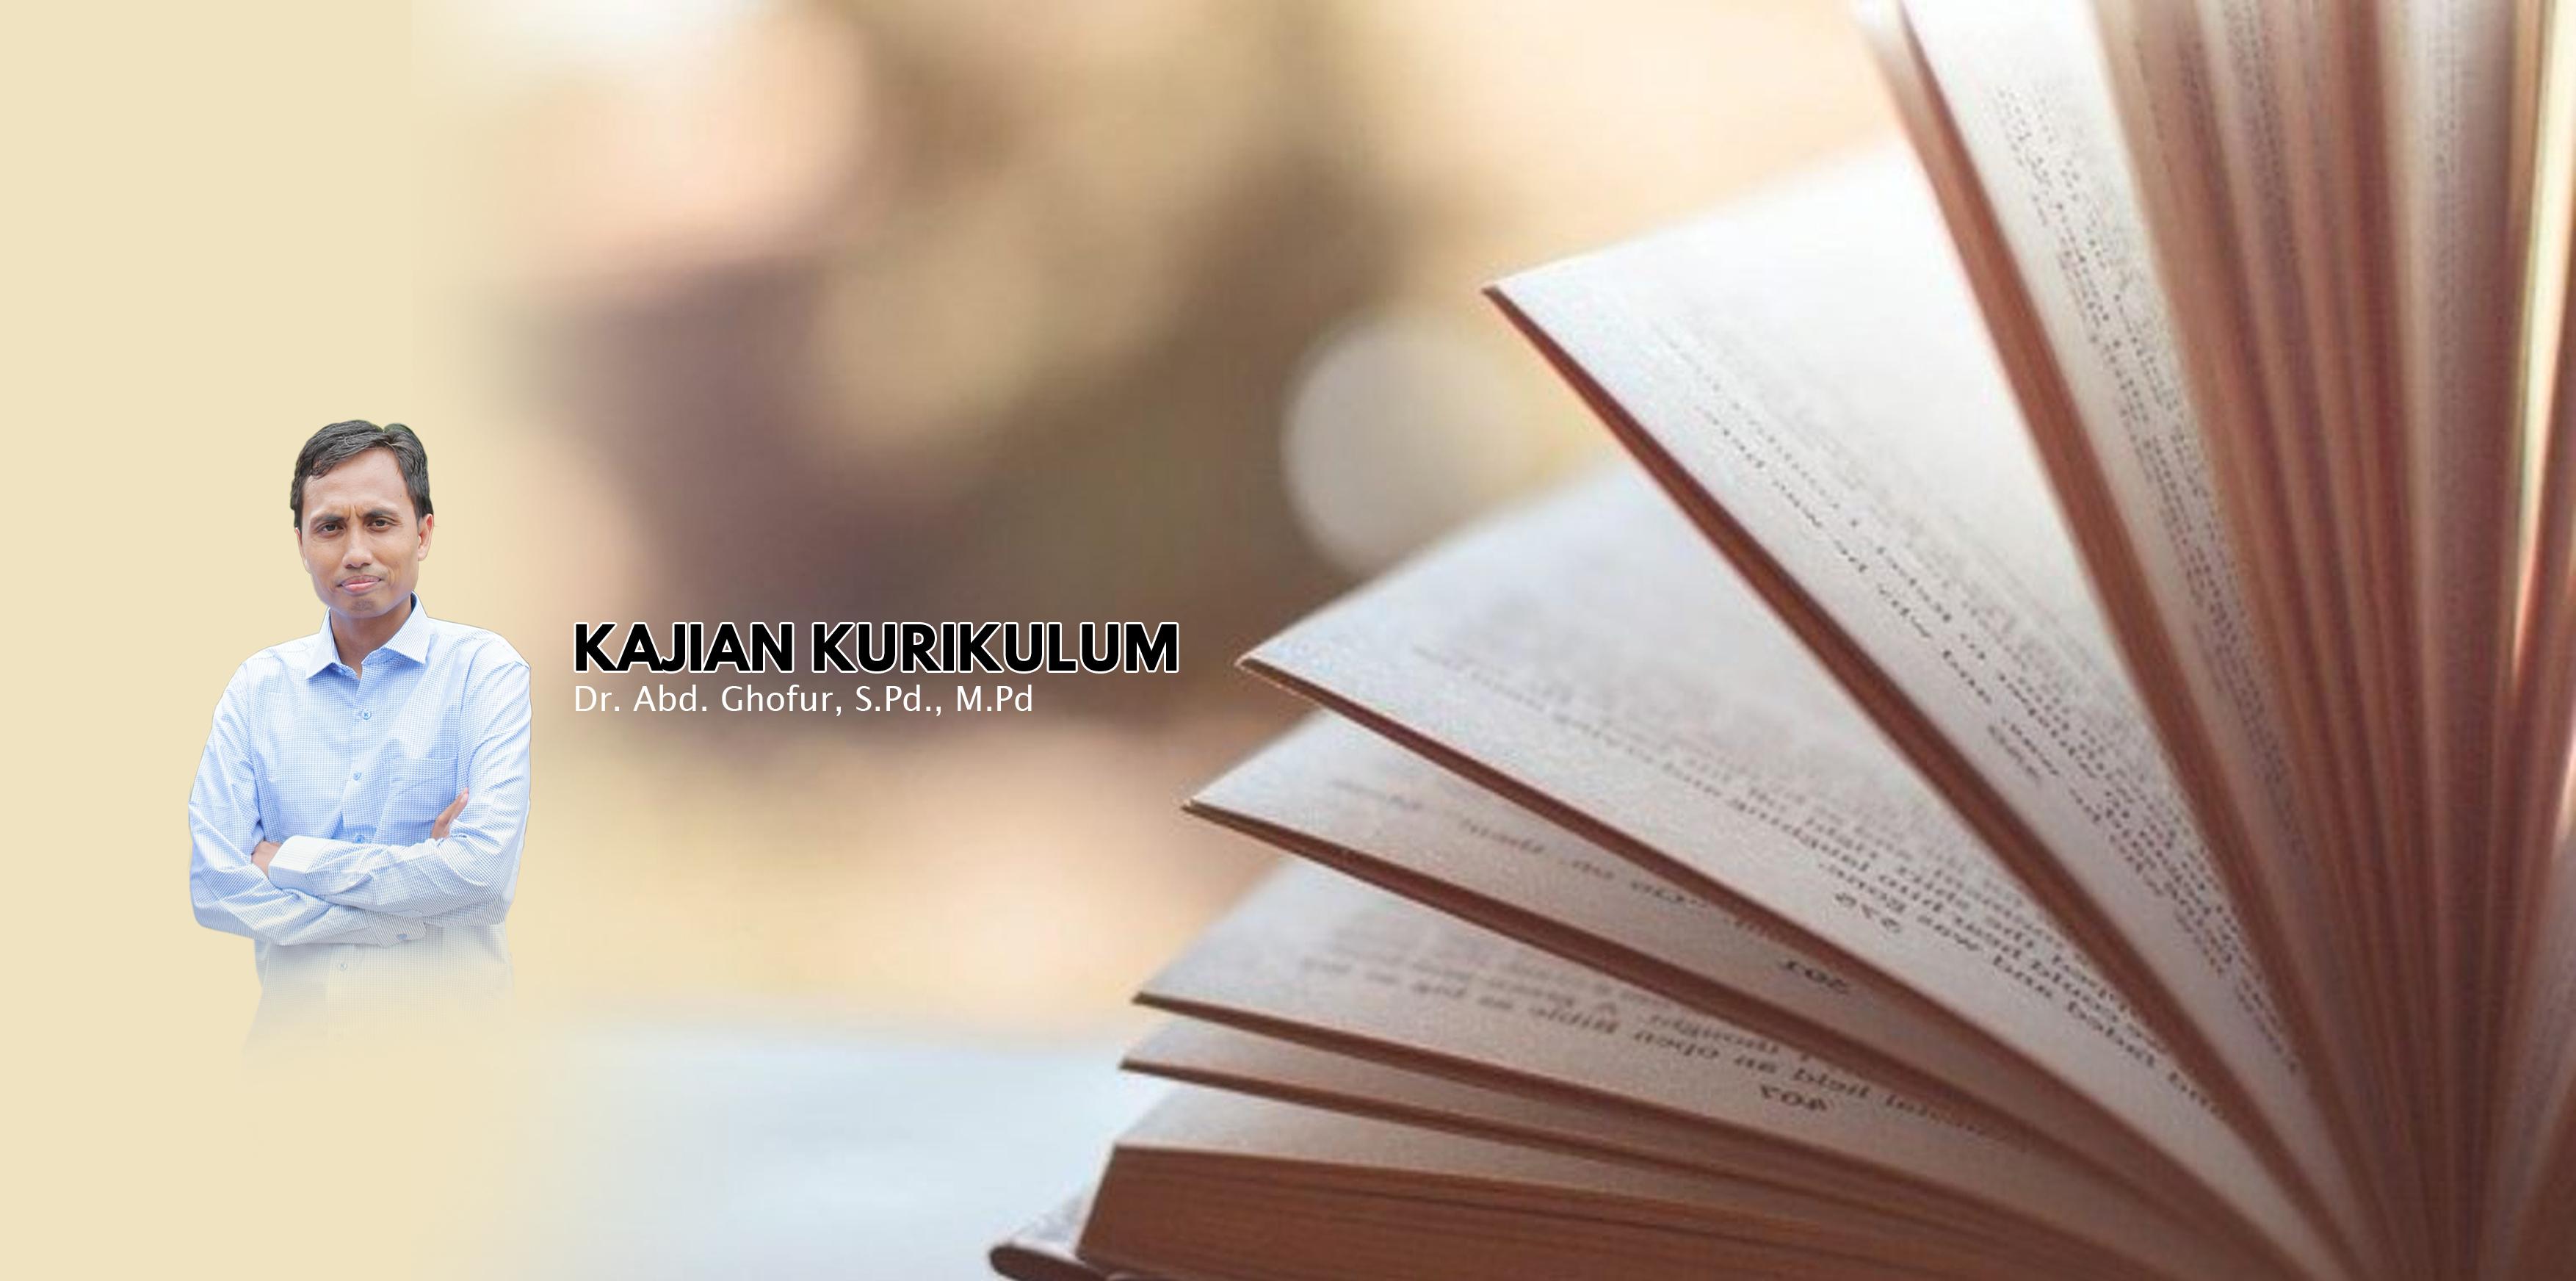 2019 - A - KAJIAN KURIKULUM